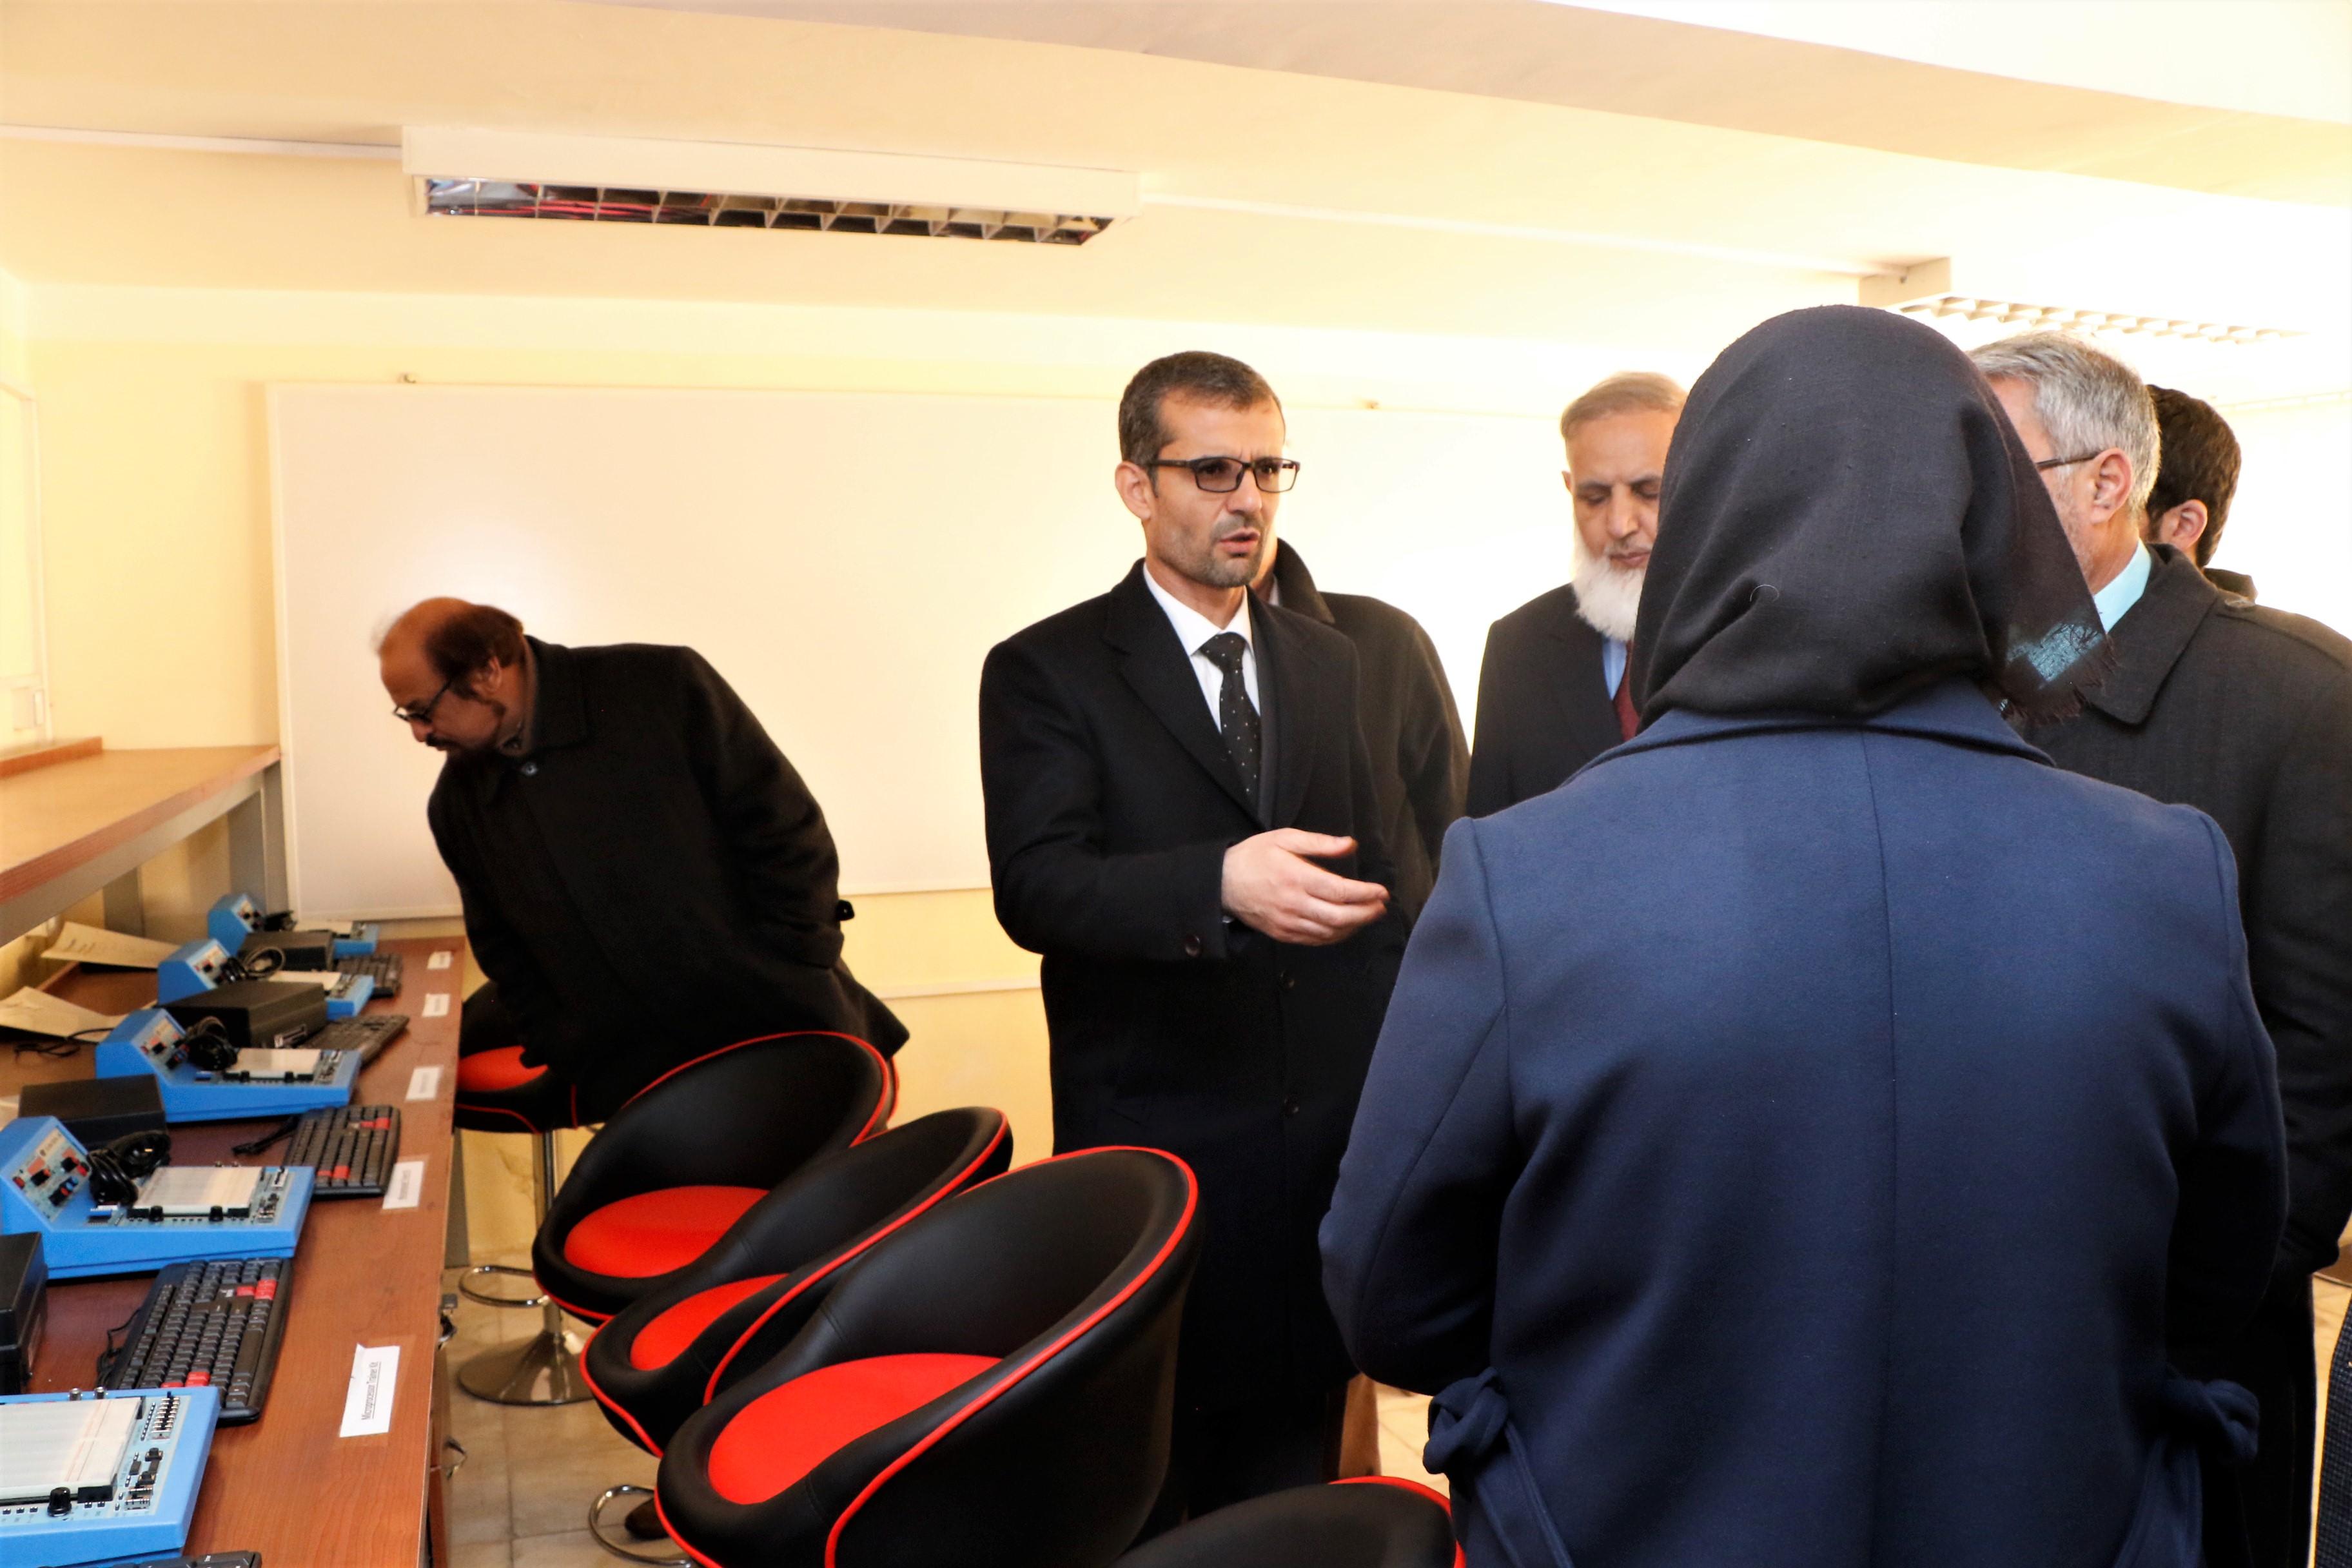 افتتاح مرکز ICT و استدیوی ثبت کورس های آنلاین